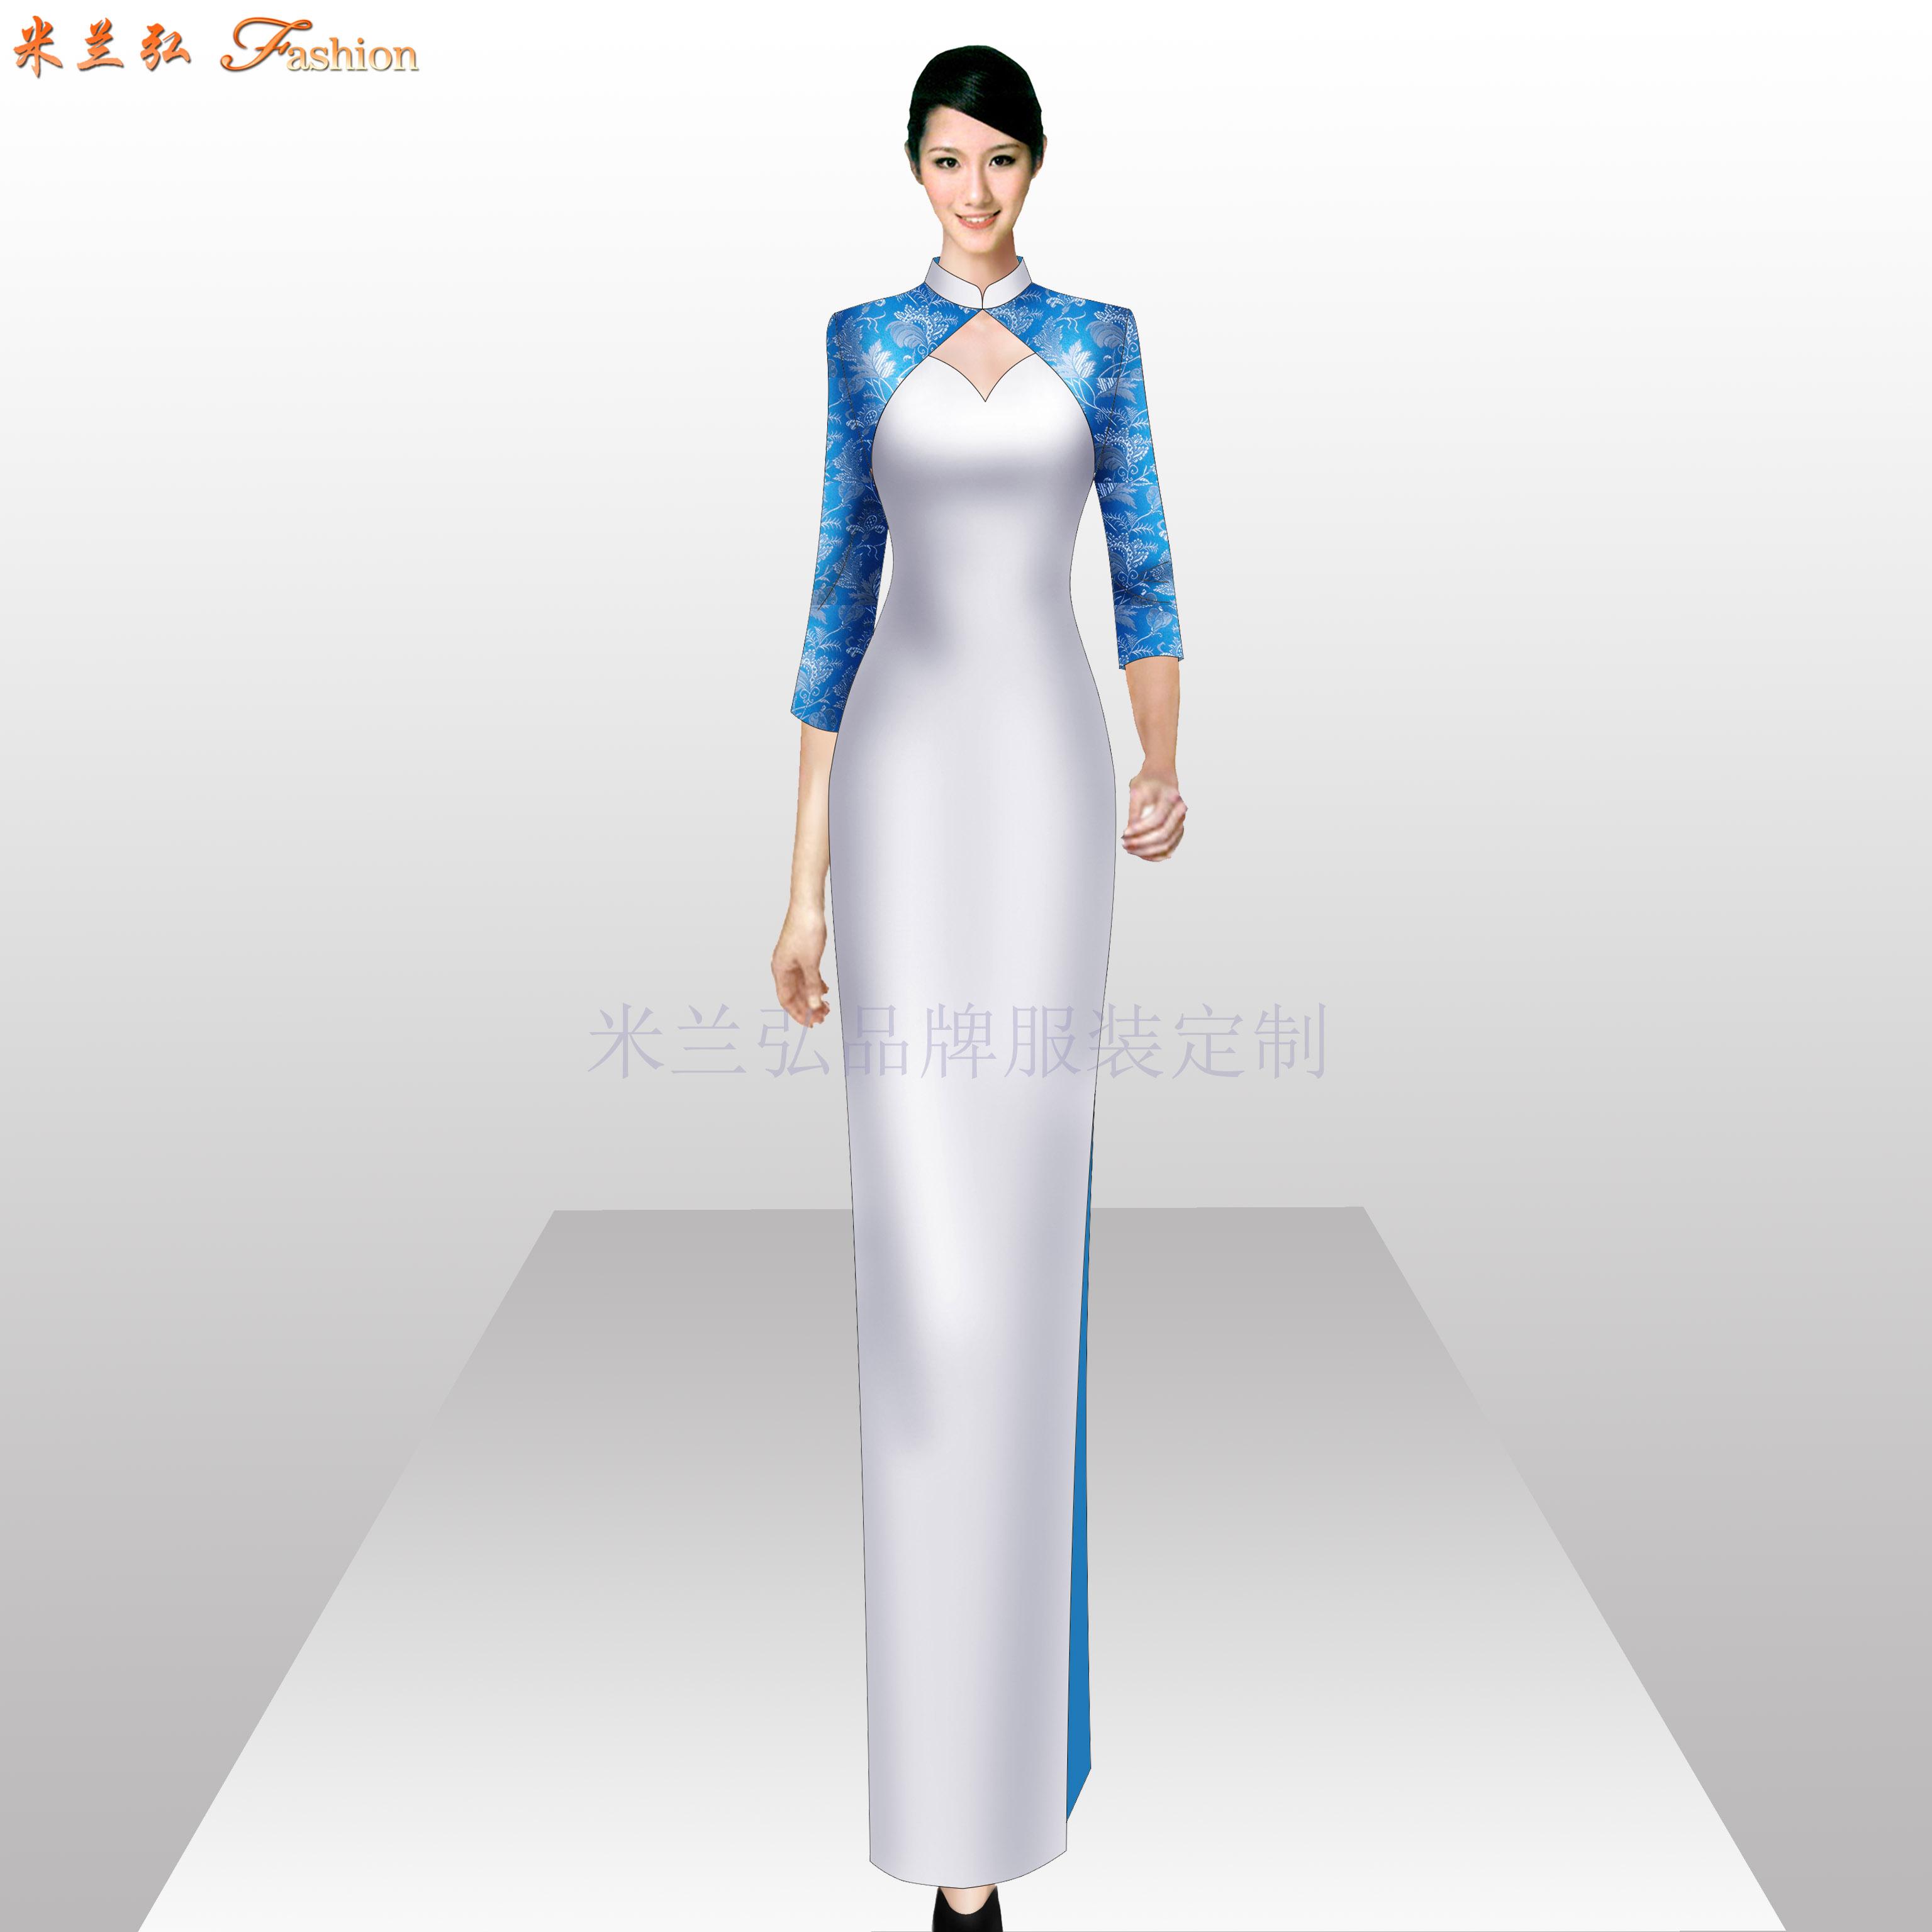 「真絲旗袍定制」「真絲旗袍訂做」-米蘭弘品牌服裝-3